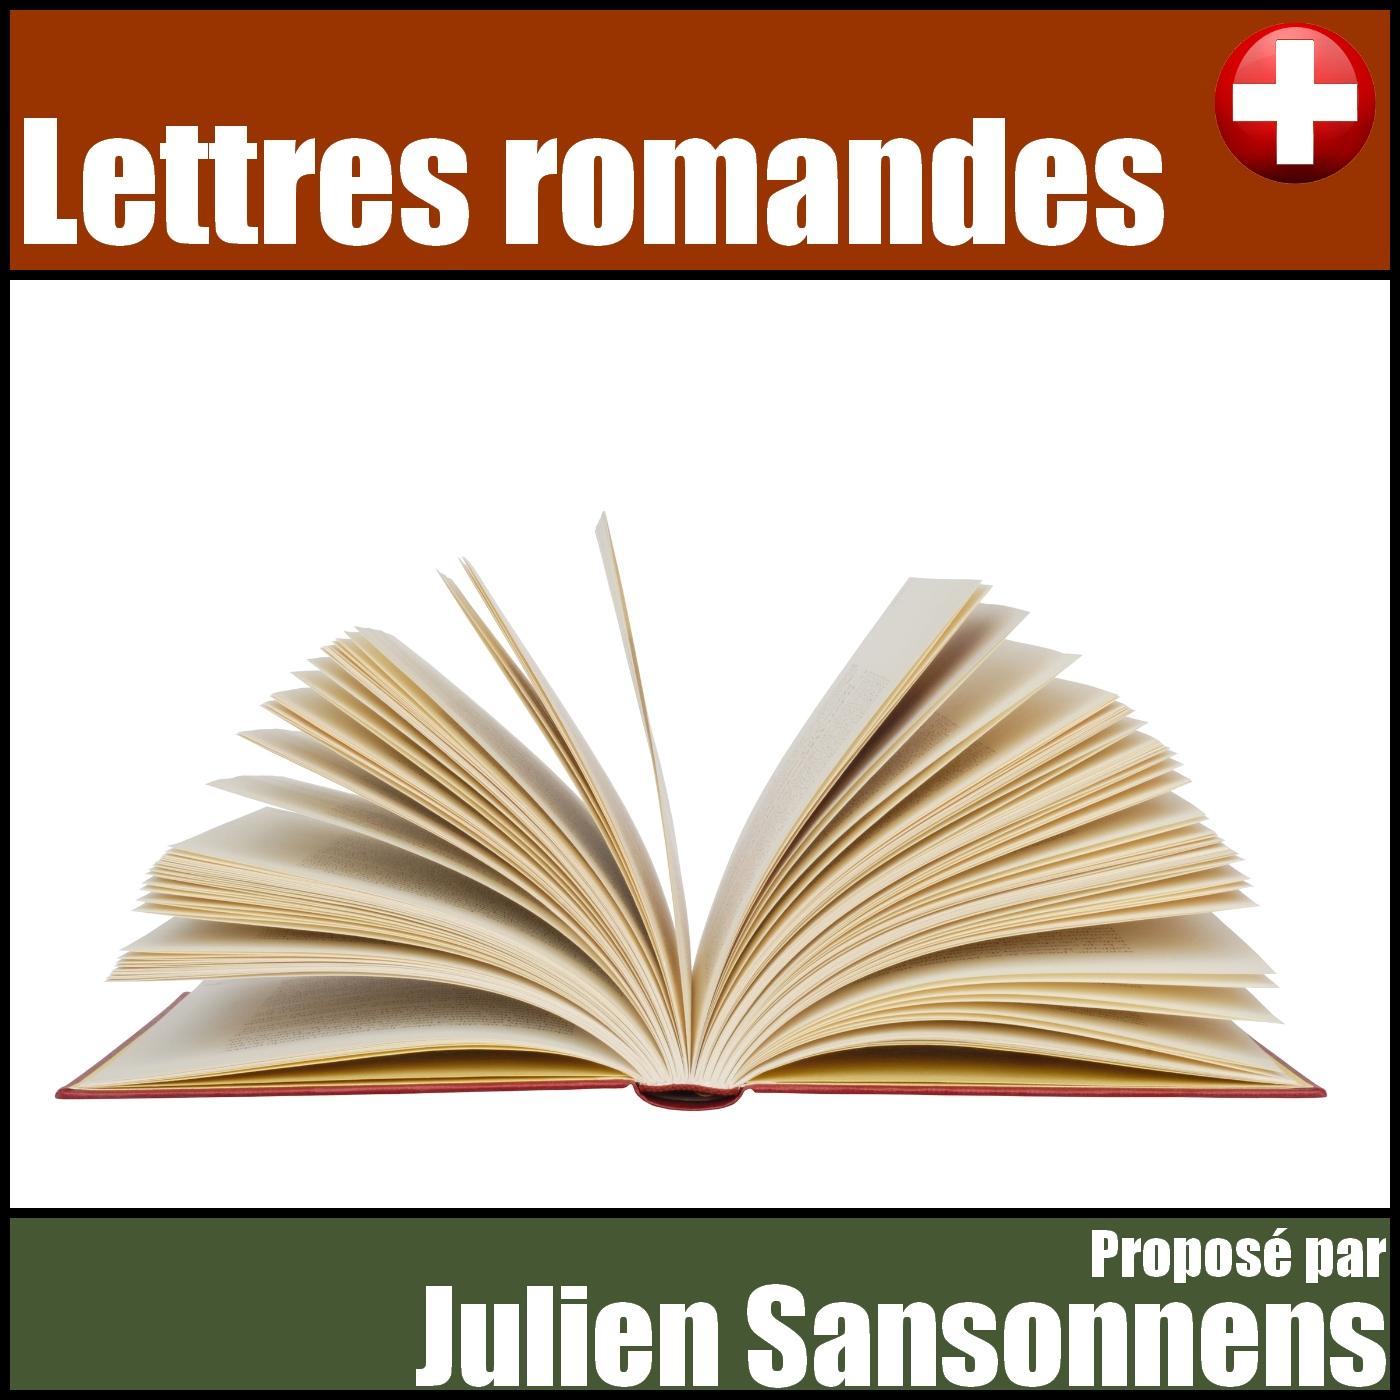 Lettres romandes, par Julien Sansonnens